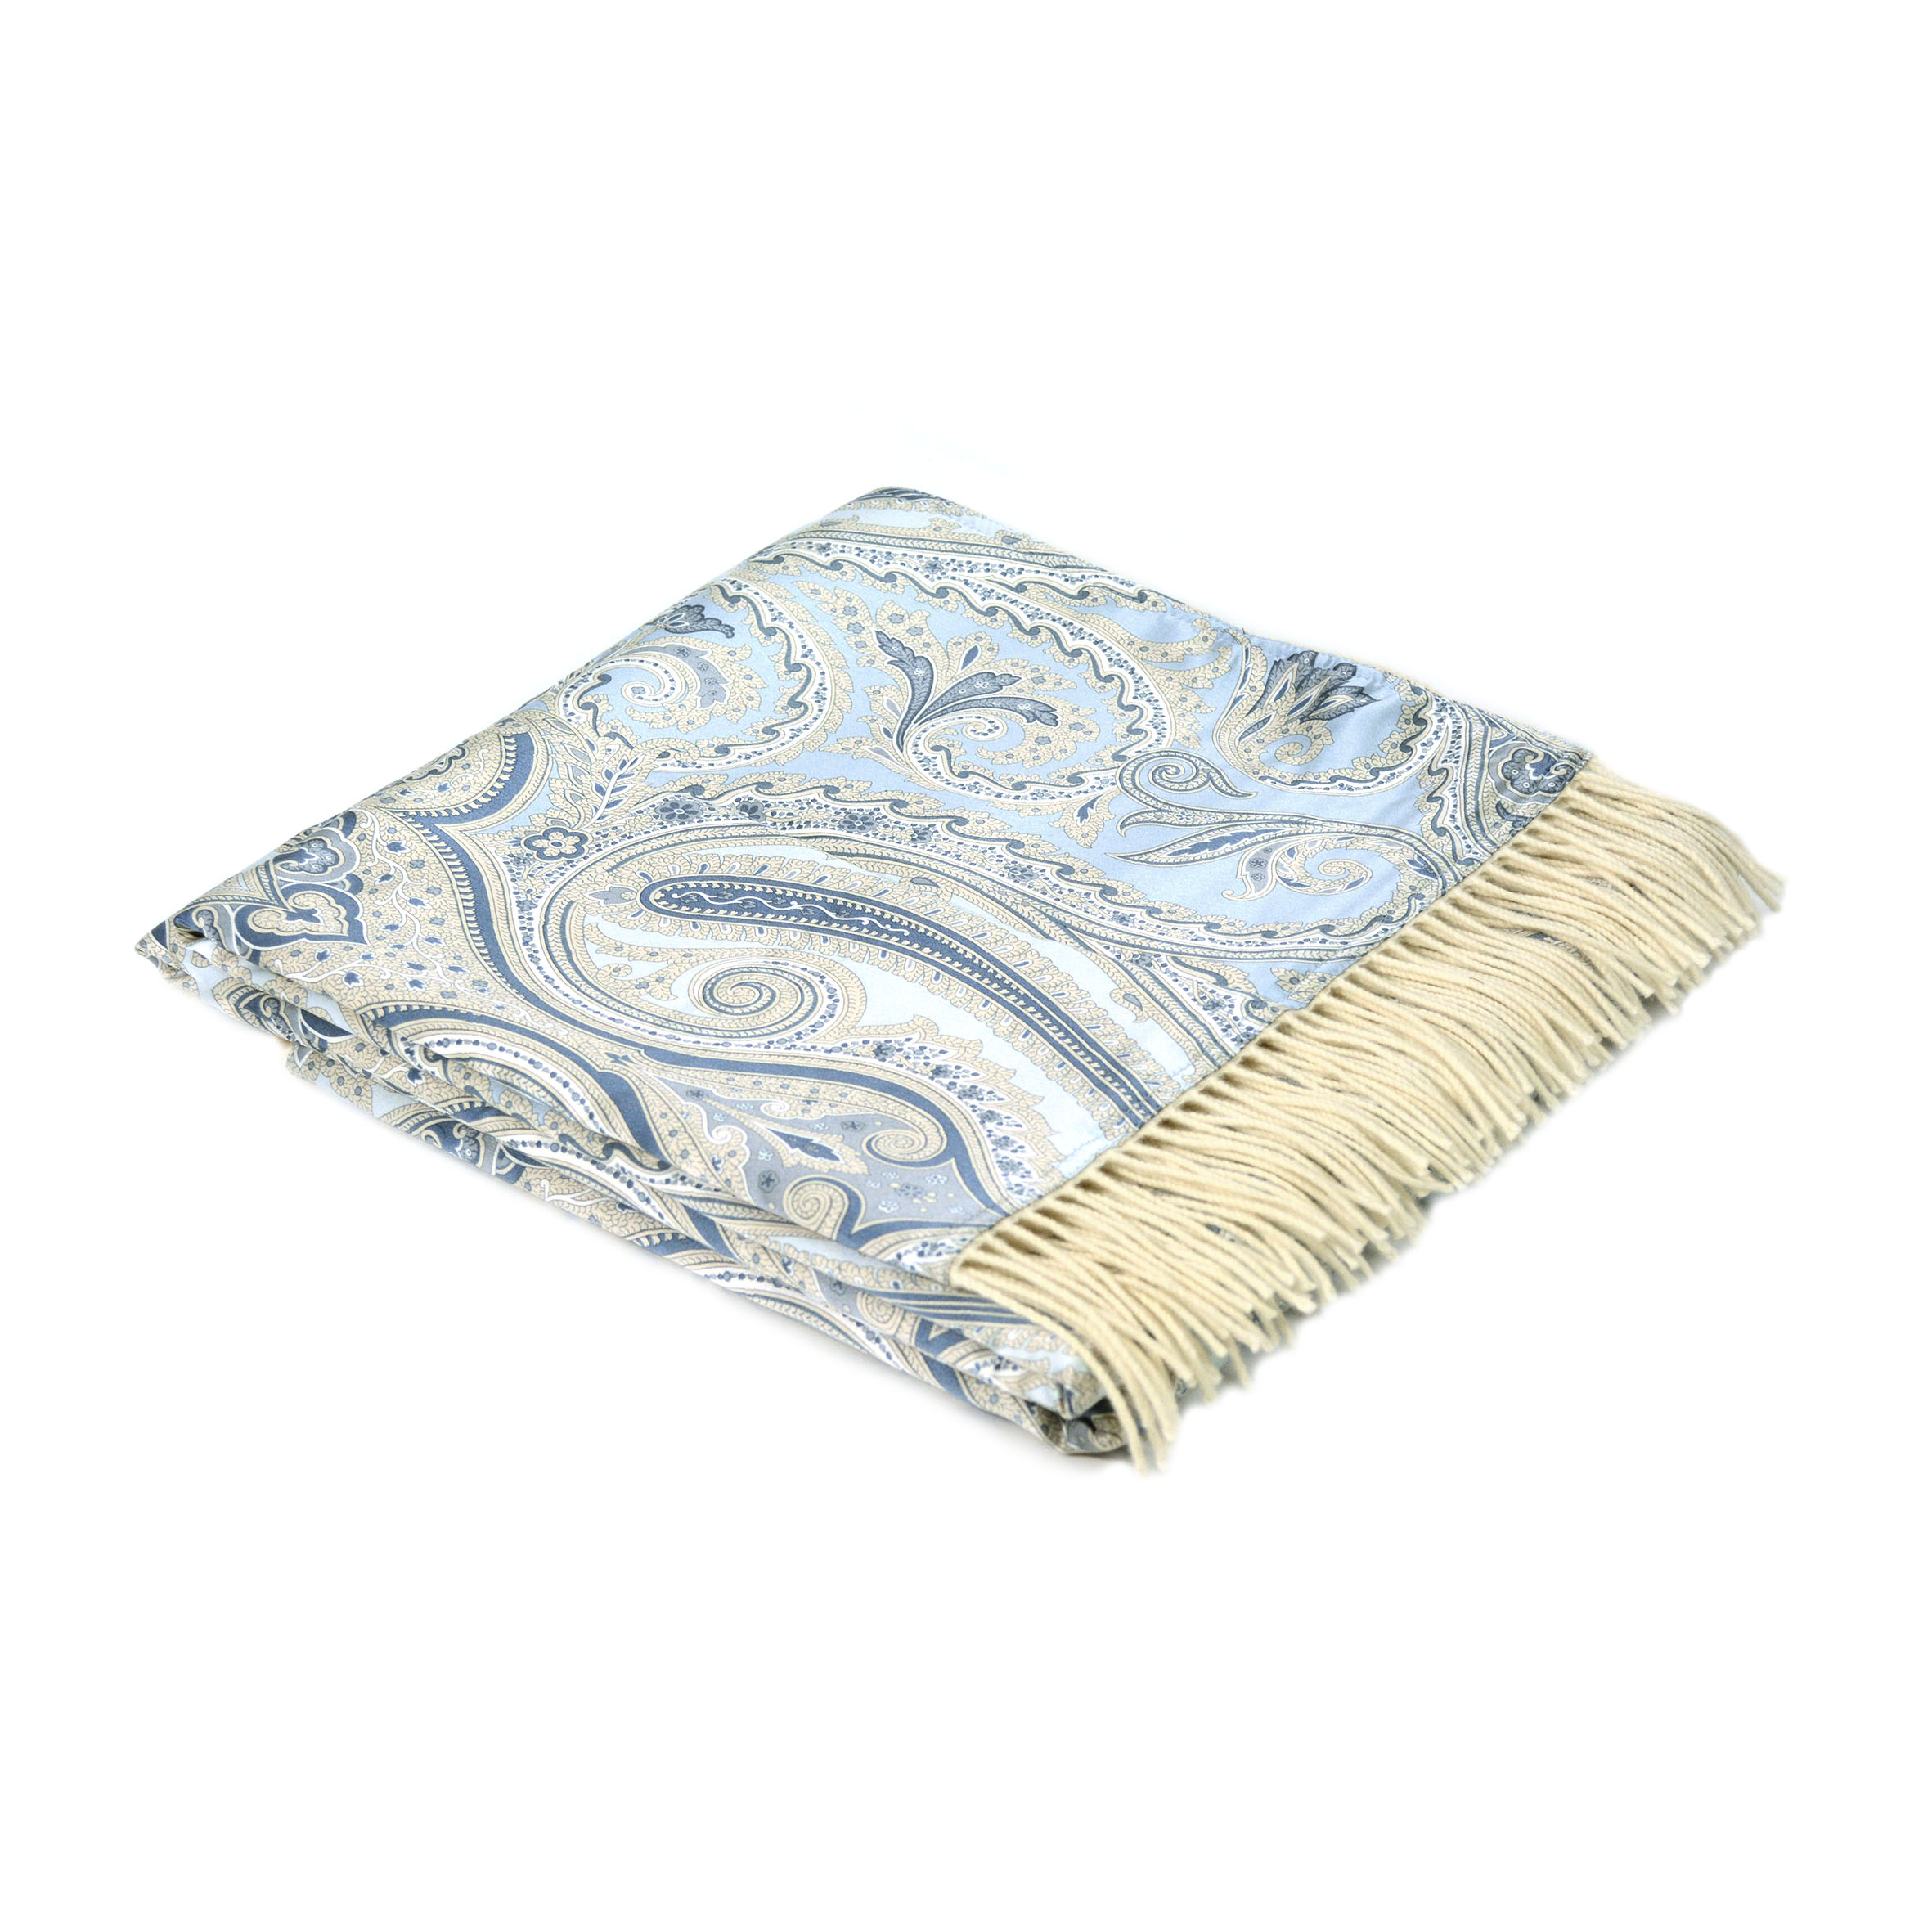 Плед Cristallo S2Разное<br>Плед Cristallo S2 от известного итальянского производителя Marzotto обладает красивым, легким дизайном. Изделие идеально подходит для летних вечерних посиделок на веранде или в патио, им приятно укрываться дома, сидя в кругу семьи.<br><br><br> Для создания текстиля Marzotto использует лучшее оборудование, что позволяет им ткать пледы высочайшего качества. С одной стороны плед Cristallo S2 соткан из тончайшего, удивительно приятного на ощупь шелка, а с другой состоит на 50% из кашемира и на стол...<br><br>stock: 0<br>Ширина: 130<br>Материал: Шелк<br>Цвет: Голубой<br>Длина: 180<br>Материал дополнительный: Кашемир, Шерсть